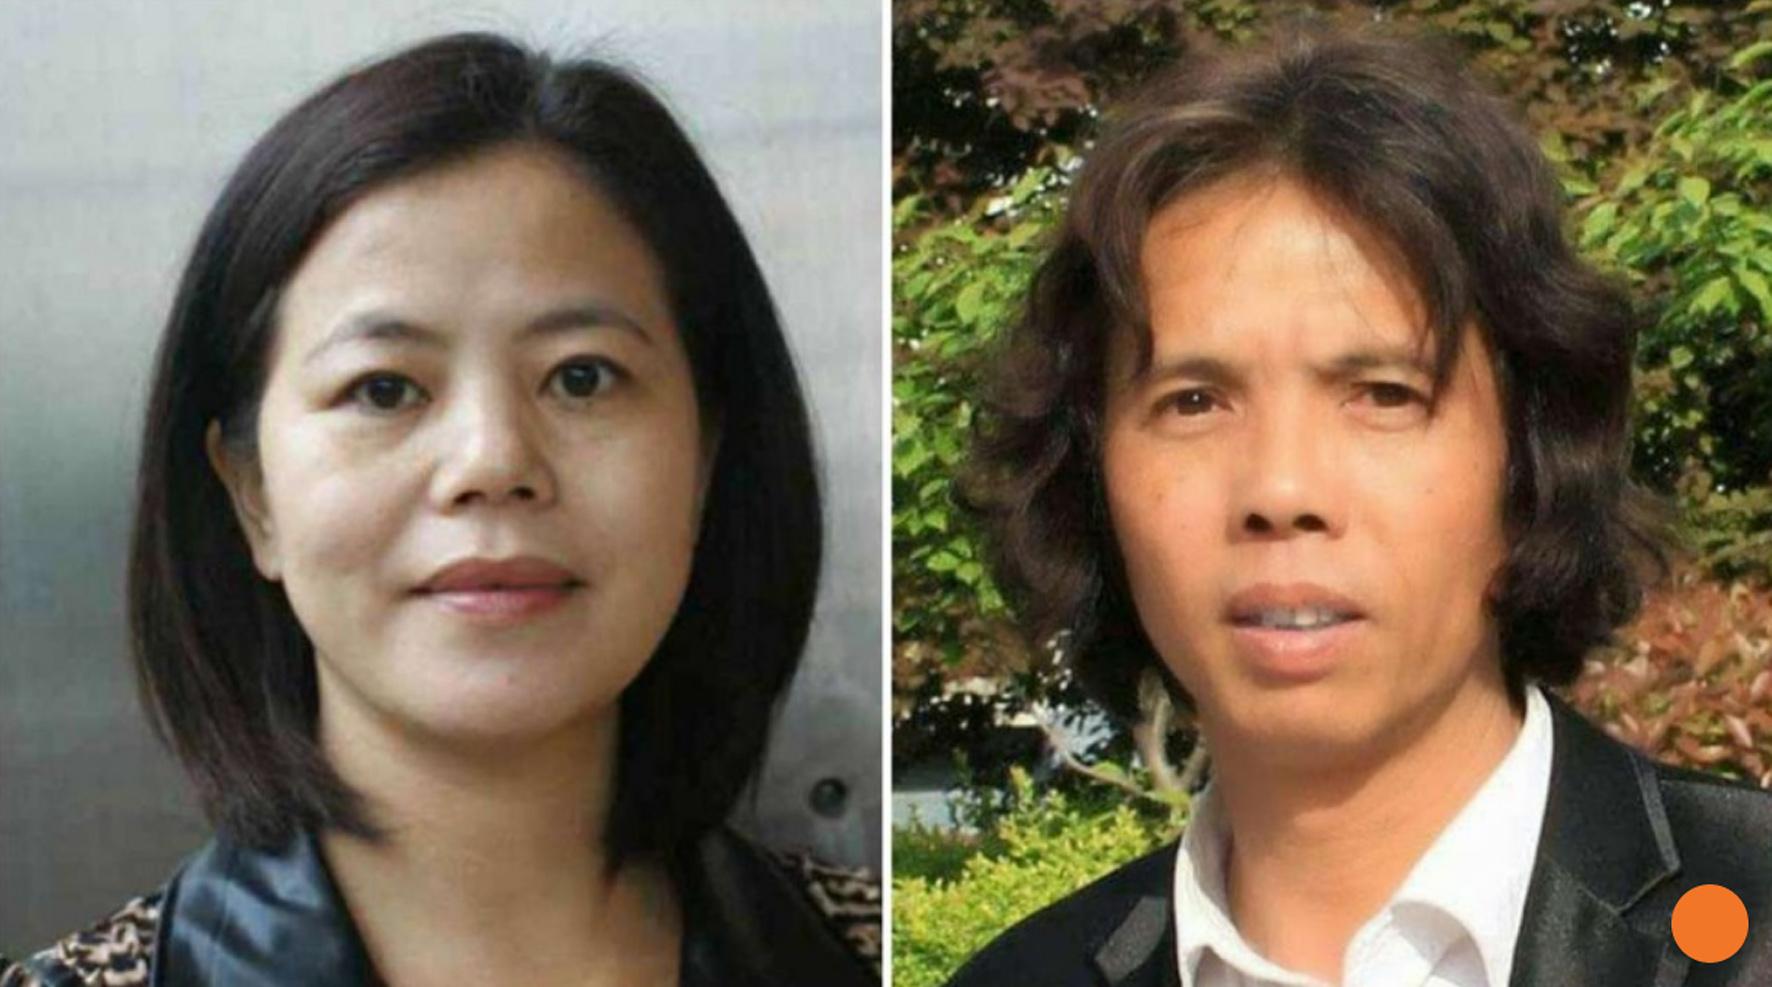 Hai nhà hoạt động Trung Cộng ủng hộ phong trào dân chủ Hong Kong bị kết án tù